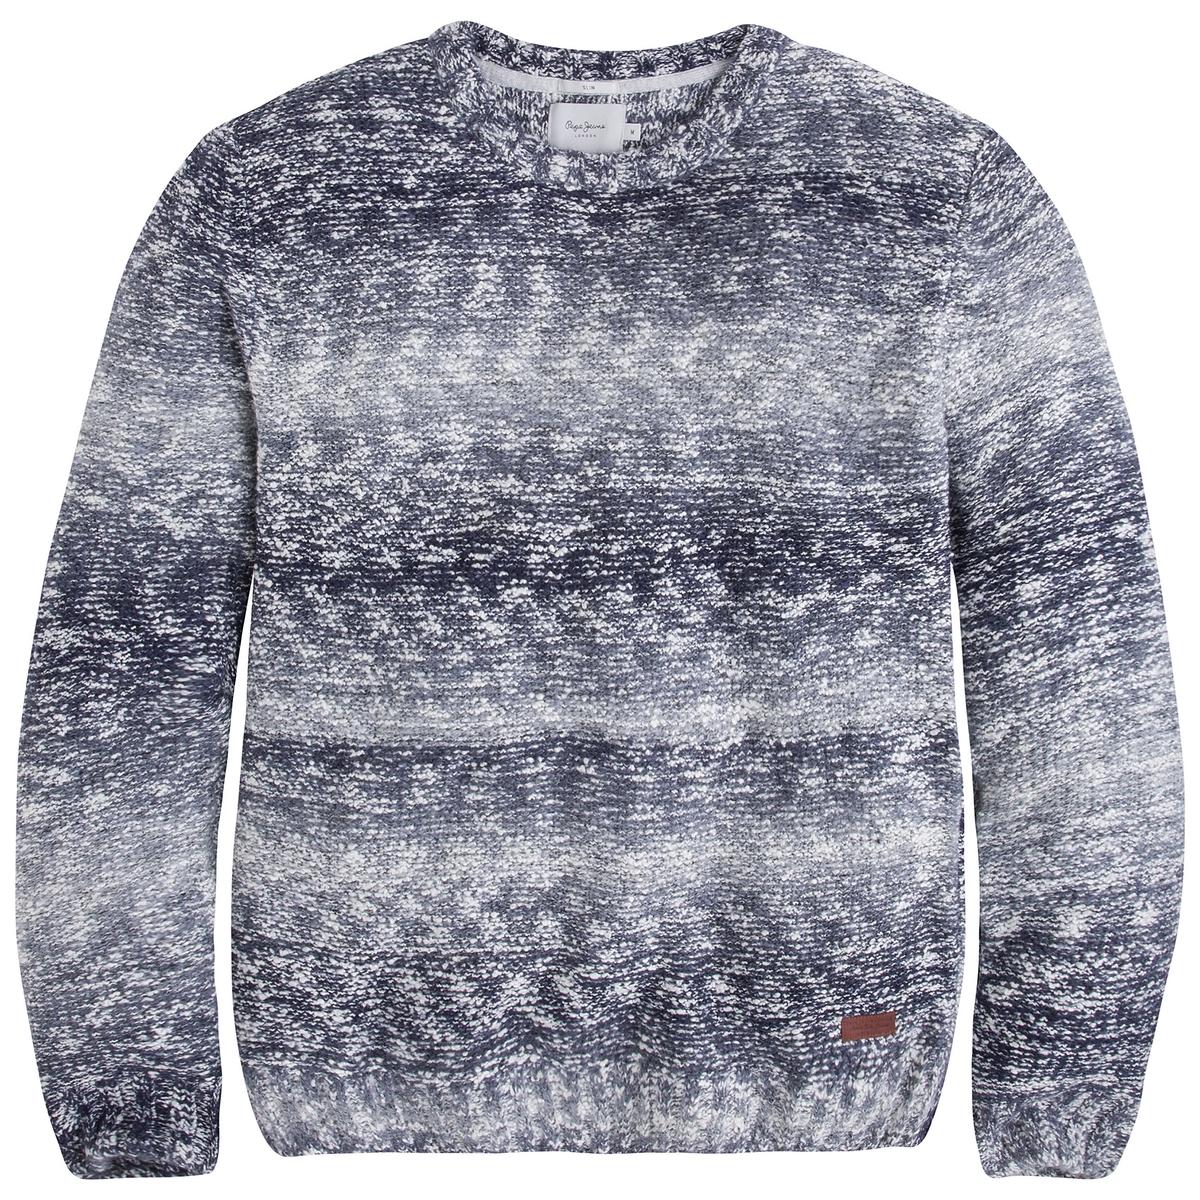 Пуловер из тонкого трикотажаДетали  •  Длинные рукава  •  Круглый вырез •  Тонкий трикотаж  •  Жаккардовый рисунок Состав и уход  •  10% акрила, 90% хлопка •  Следуйте советам по уходу, указанным на этикетке<br><br>Цвет: синий<br>Размер: XL